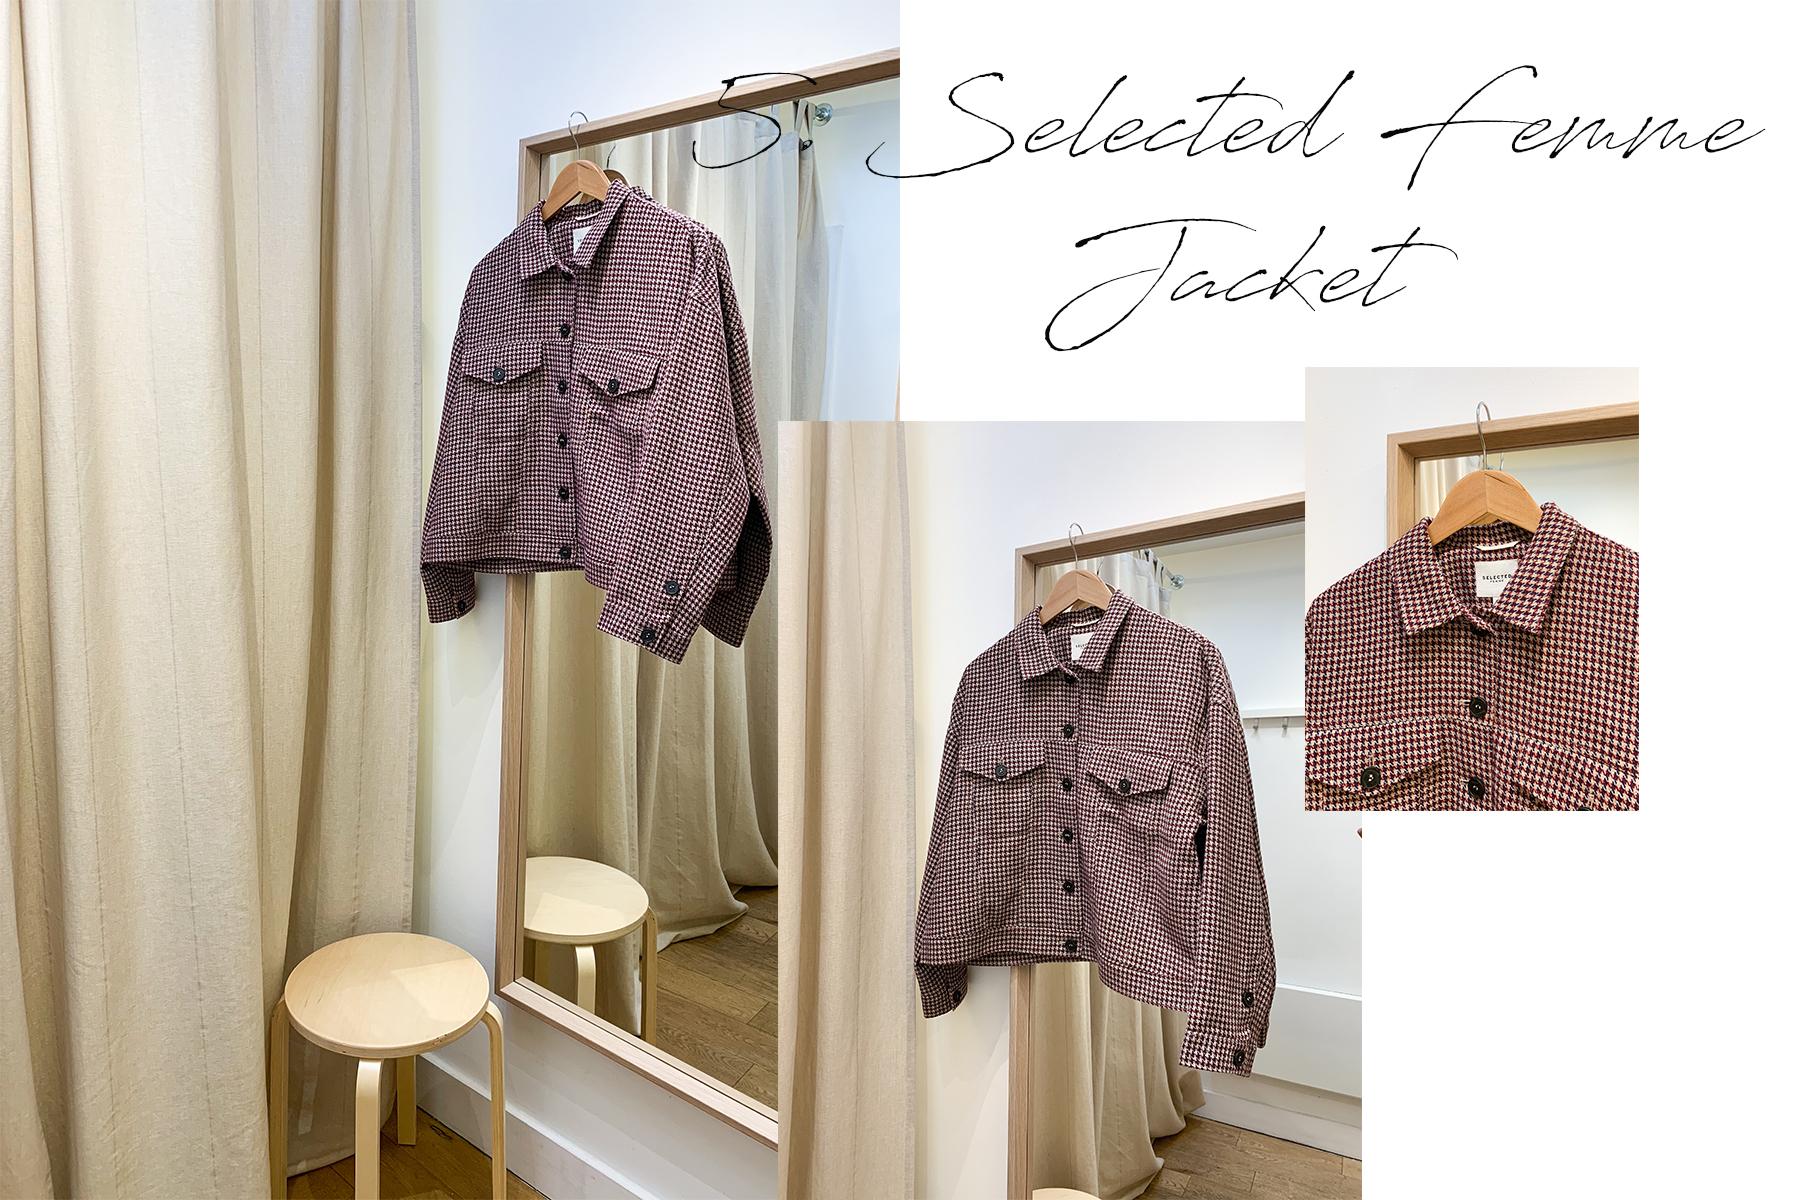 Rosie_Butcher_nola_wish_list-jacket-text.jpg